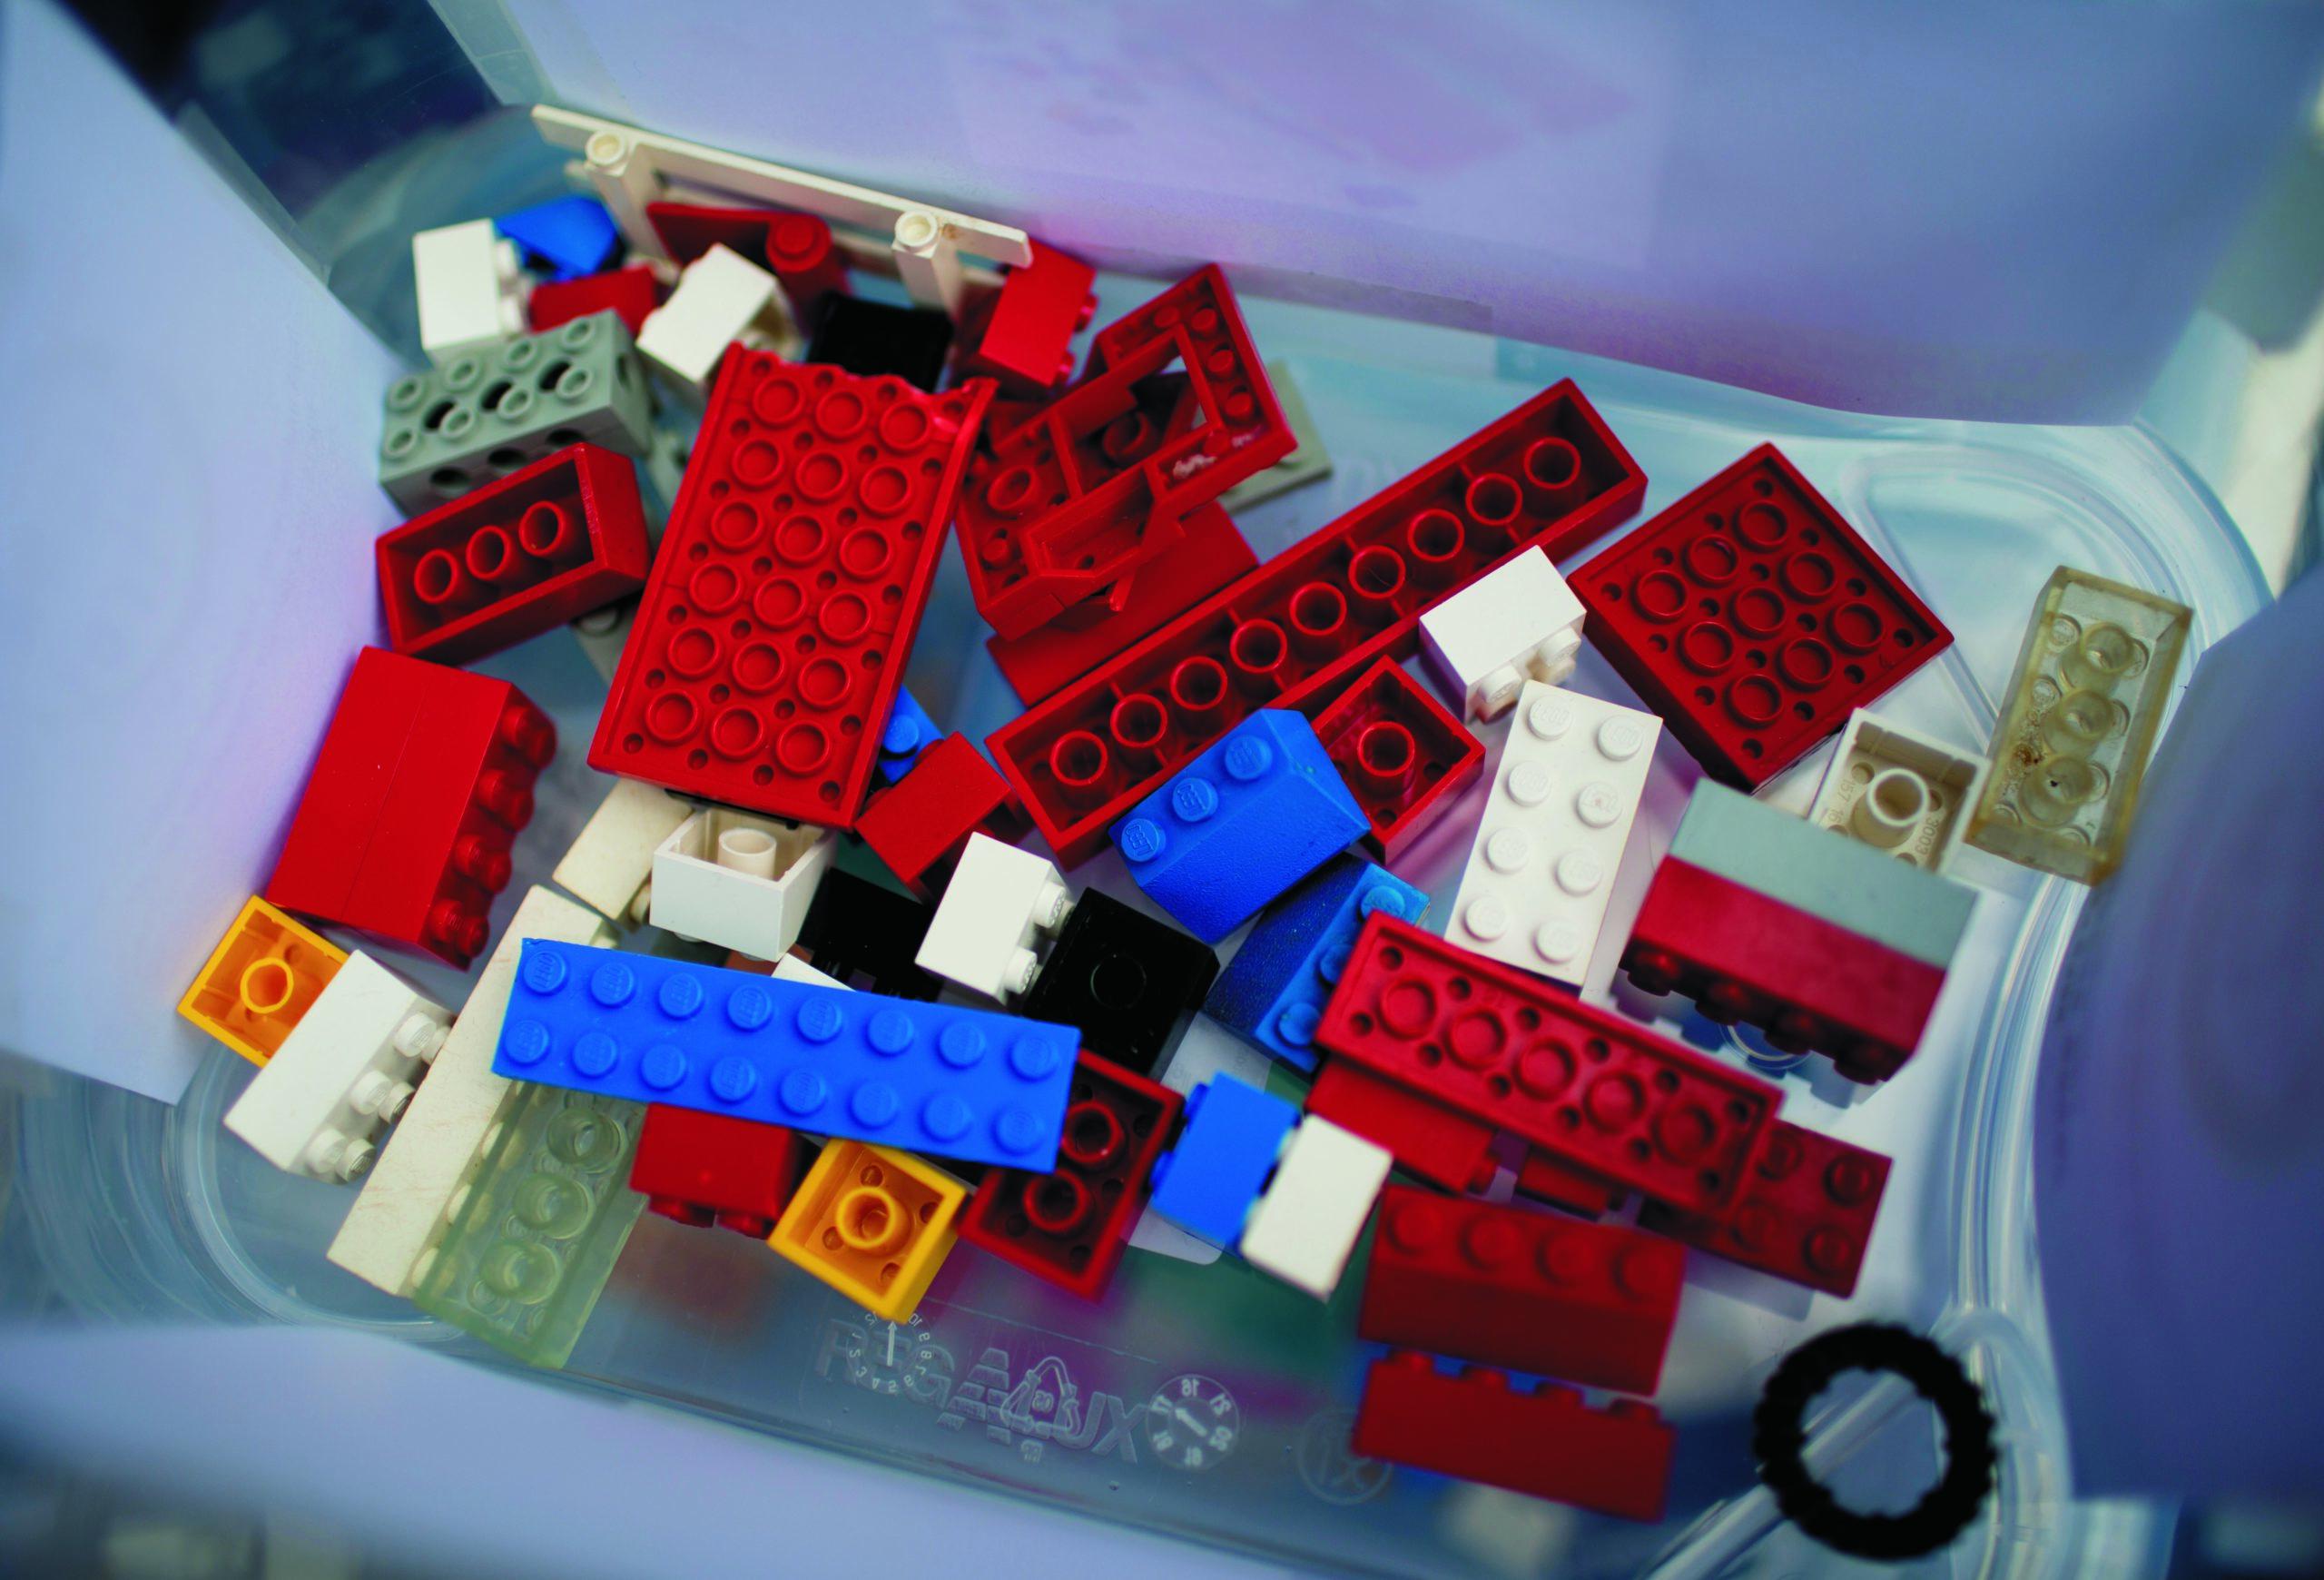 Der Blick in eine transparente Kiste von oben. Am Boden der Kiste befinden sich einige wenige bunte Legosteine.